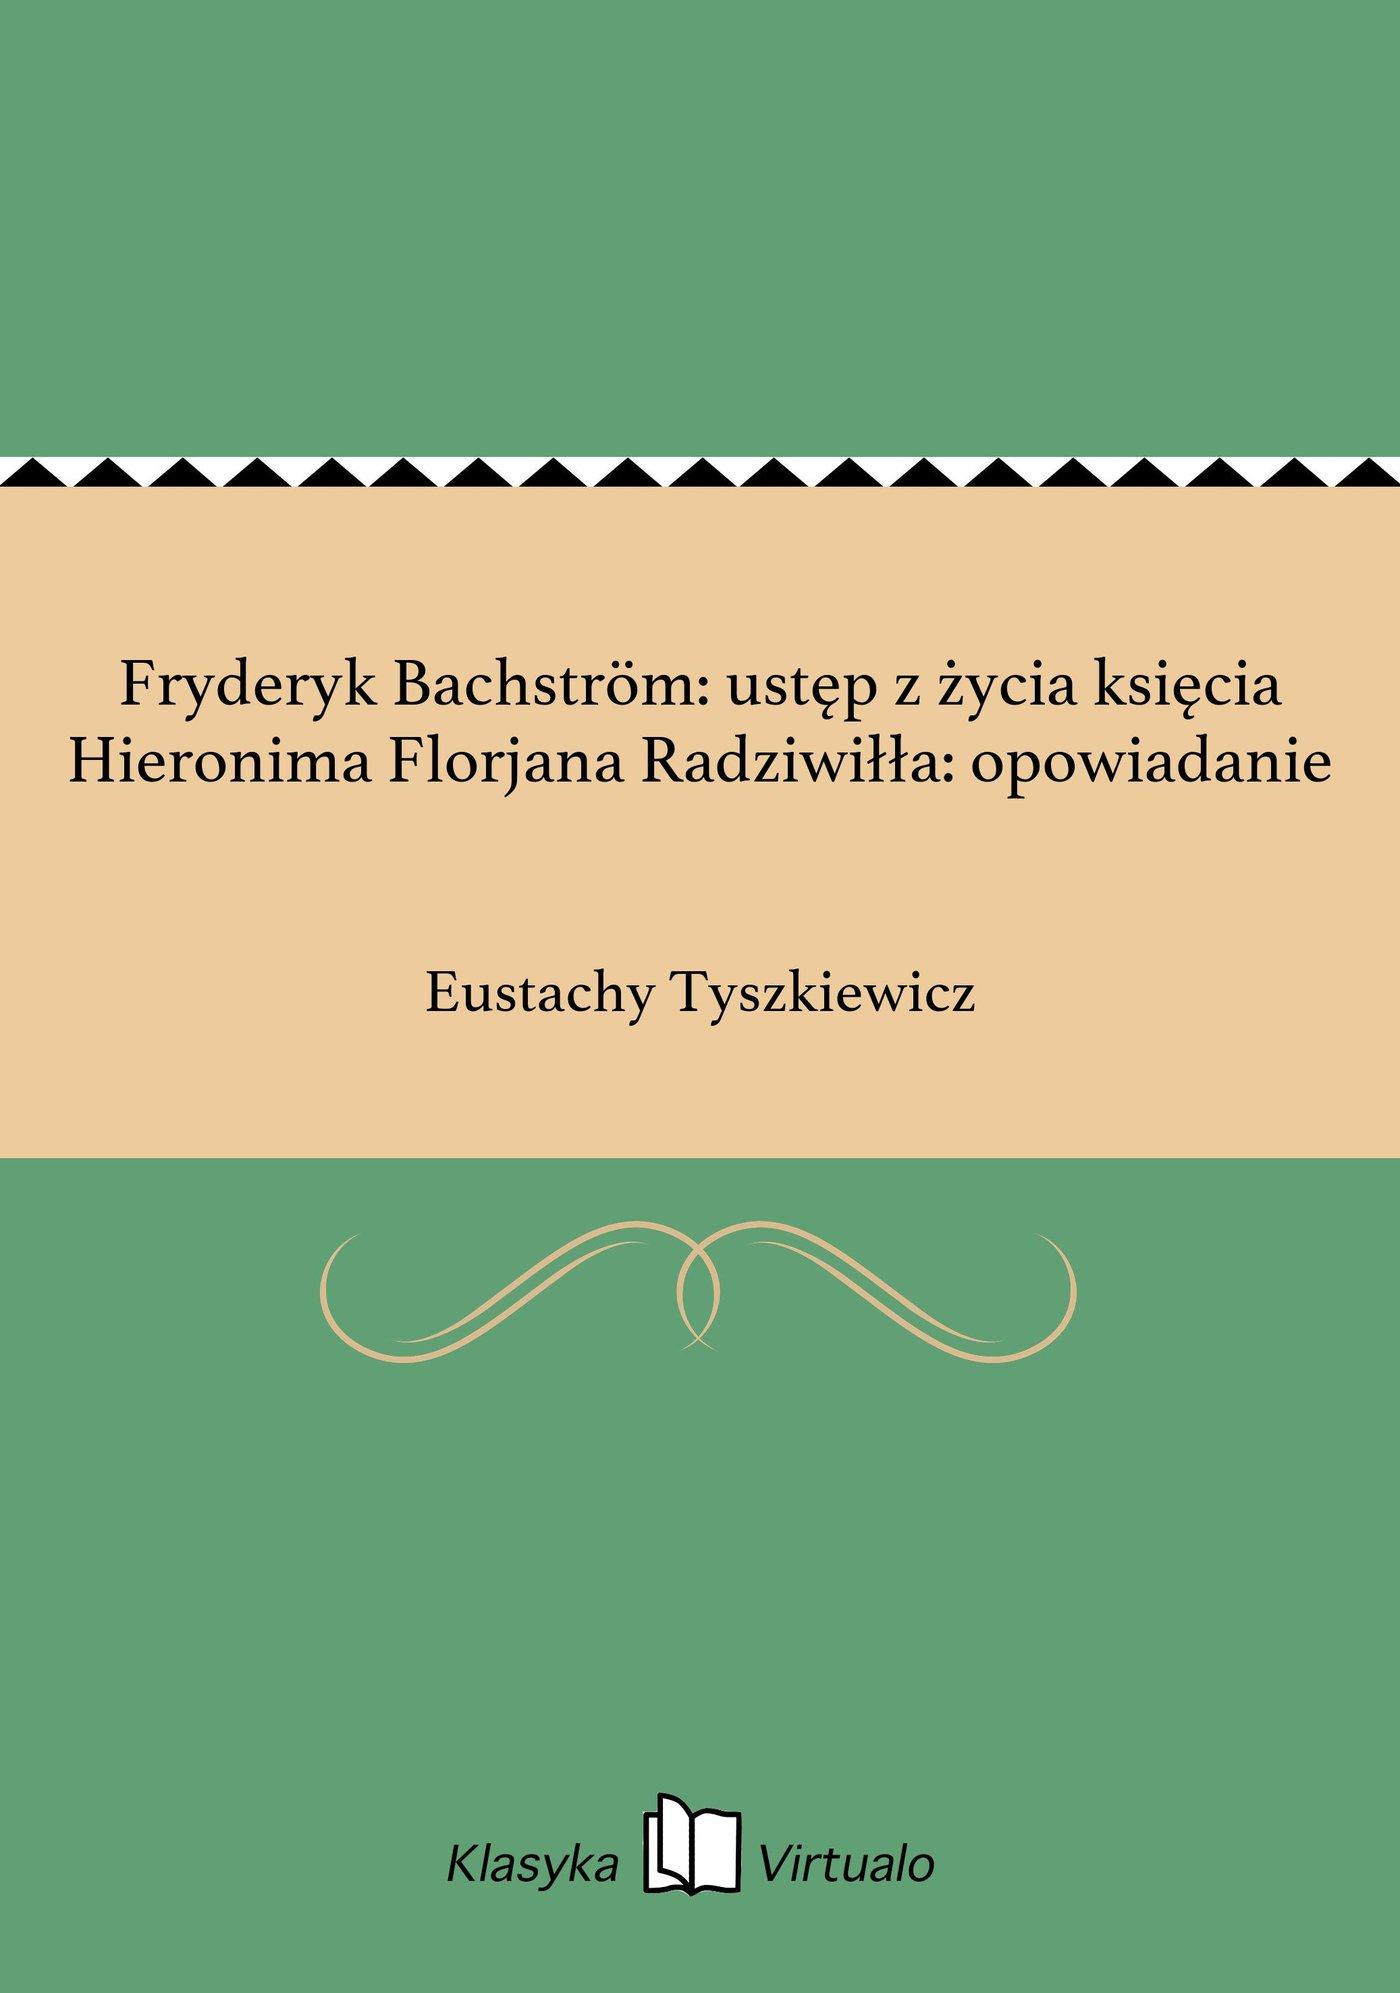 Fryderyk Bachström: ustęp z życia księcia Hieronima Florjana Radziwiłła: opowiadanie - Ebook (Książka EPUB) do pobrania w formacie EPUB